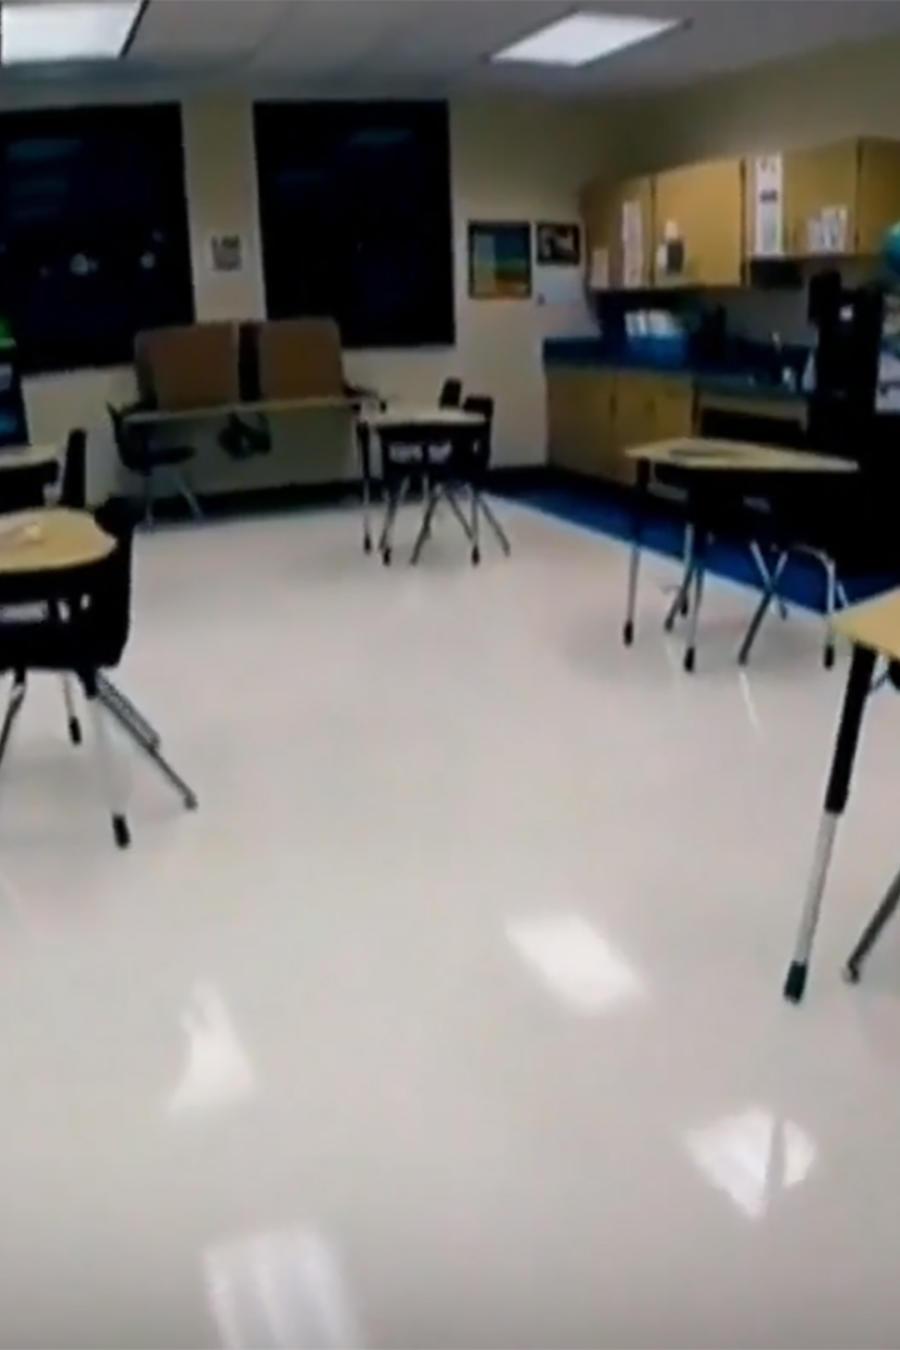 Continúa el debate por la reapertura de escuelas en Florida